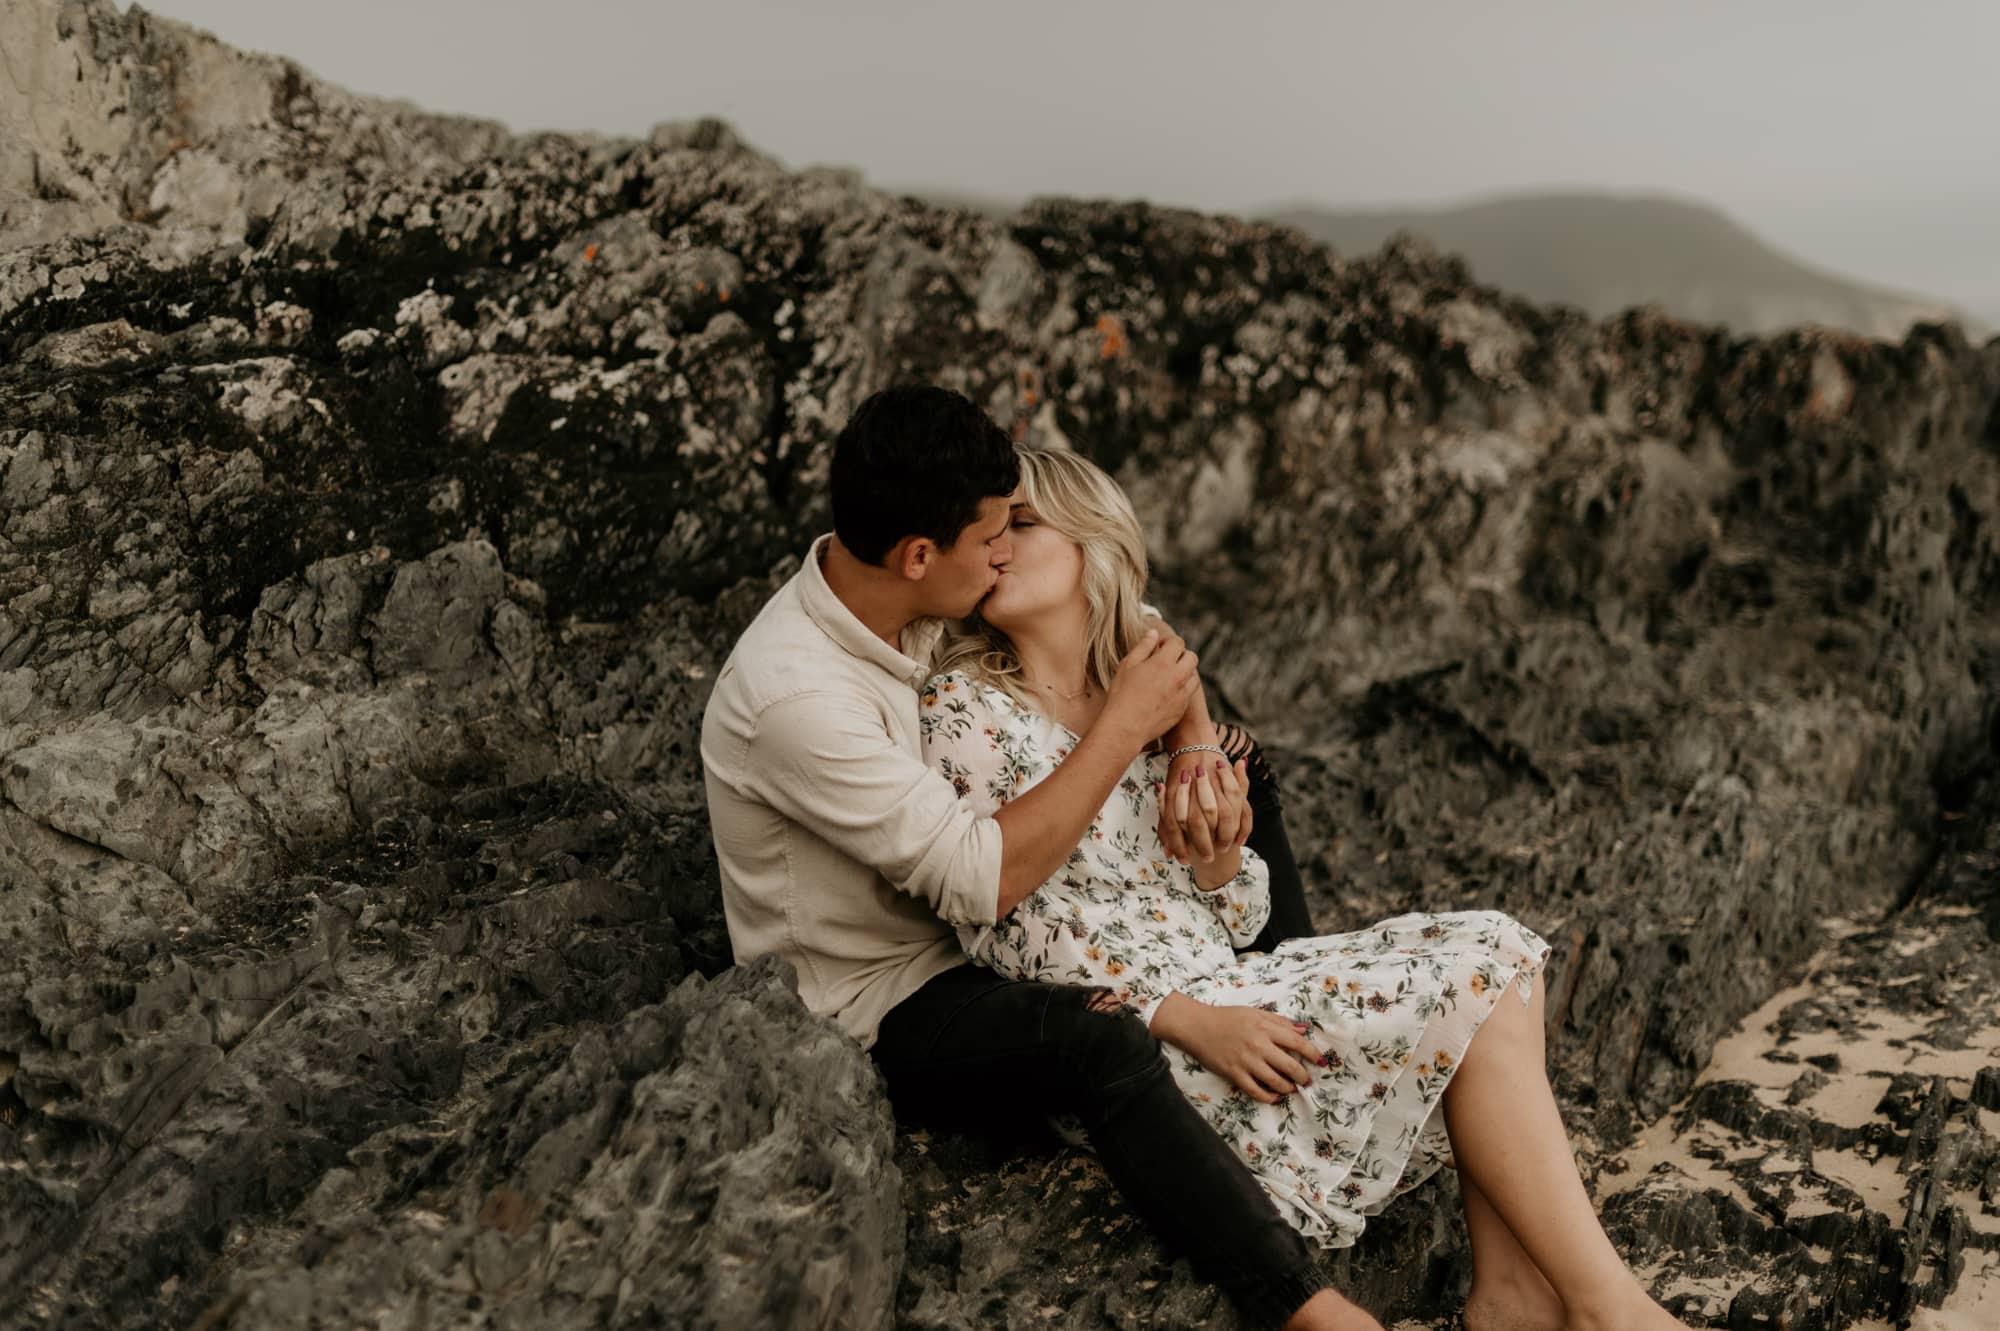 M+J-Couple-Session-June-Richards-Photography-Destination-Weddings-Elopements-Garden-Route-18